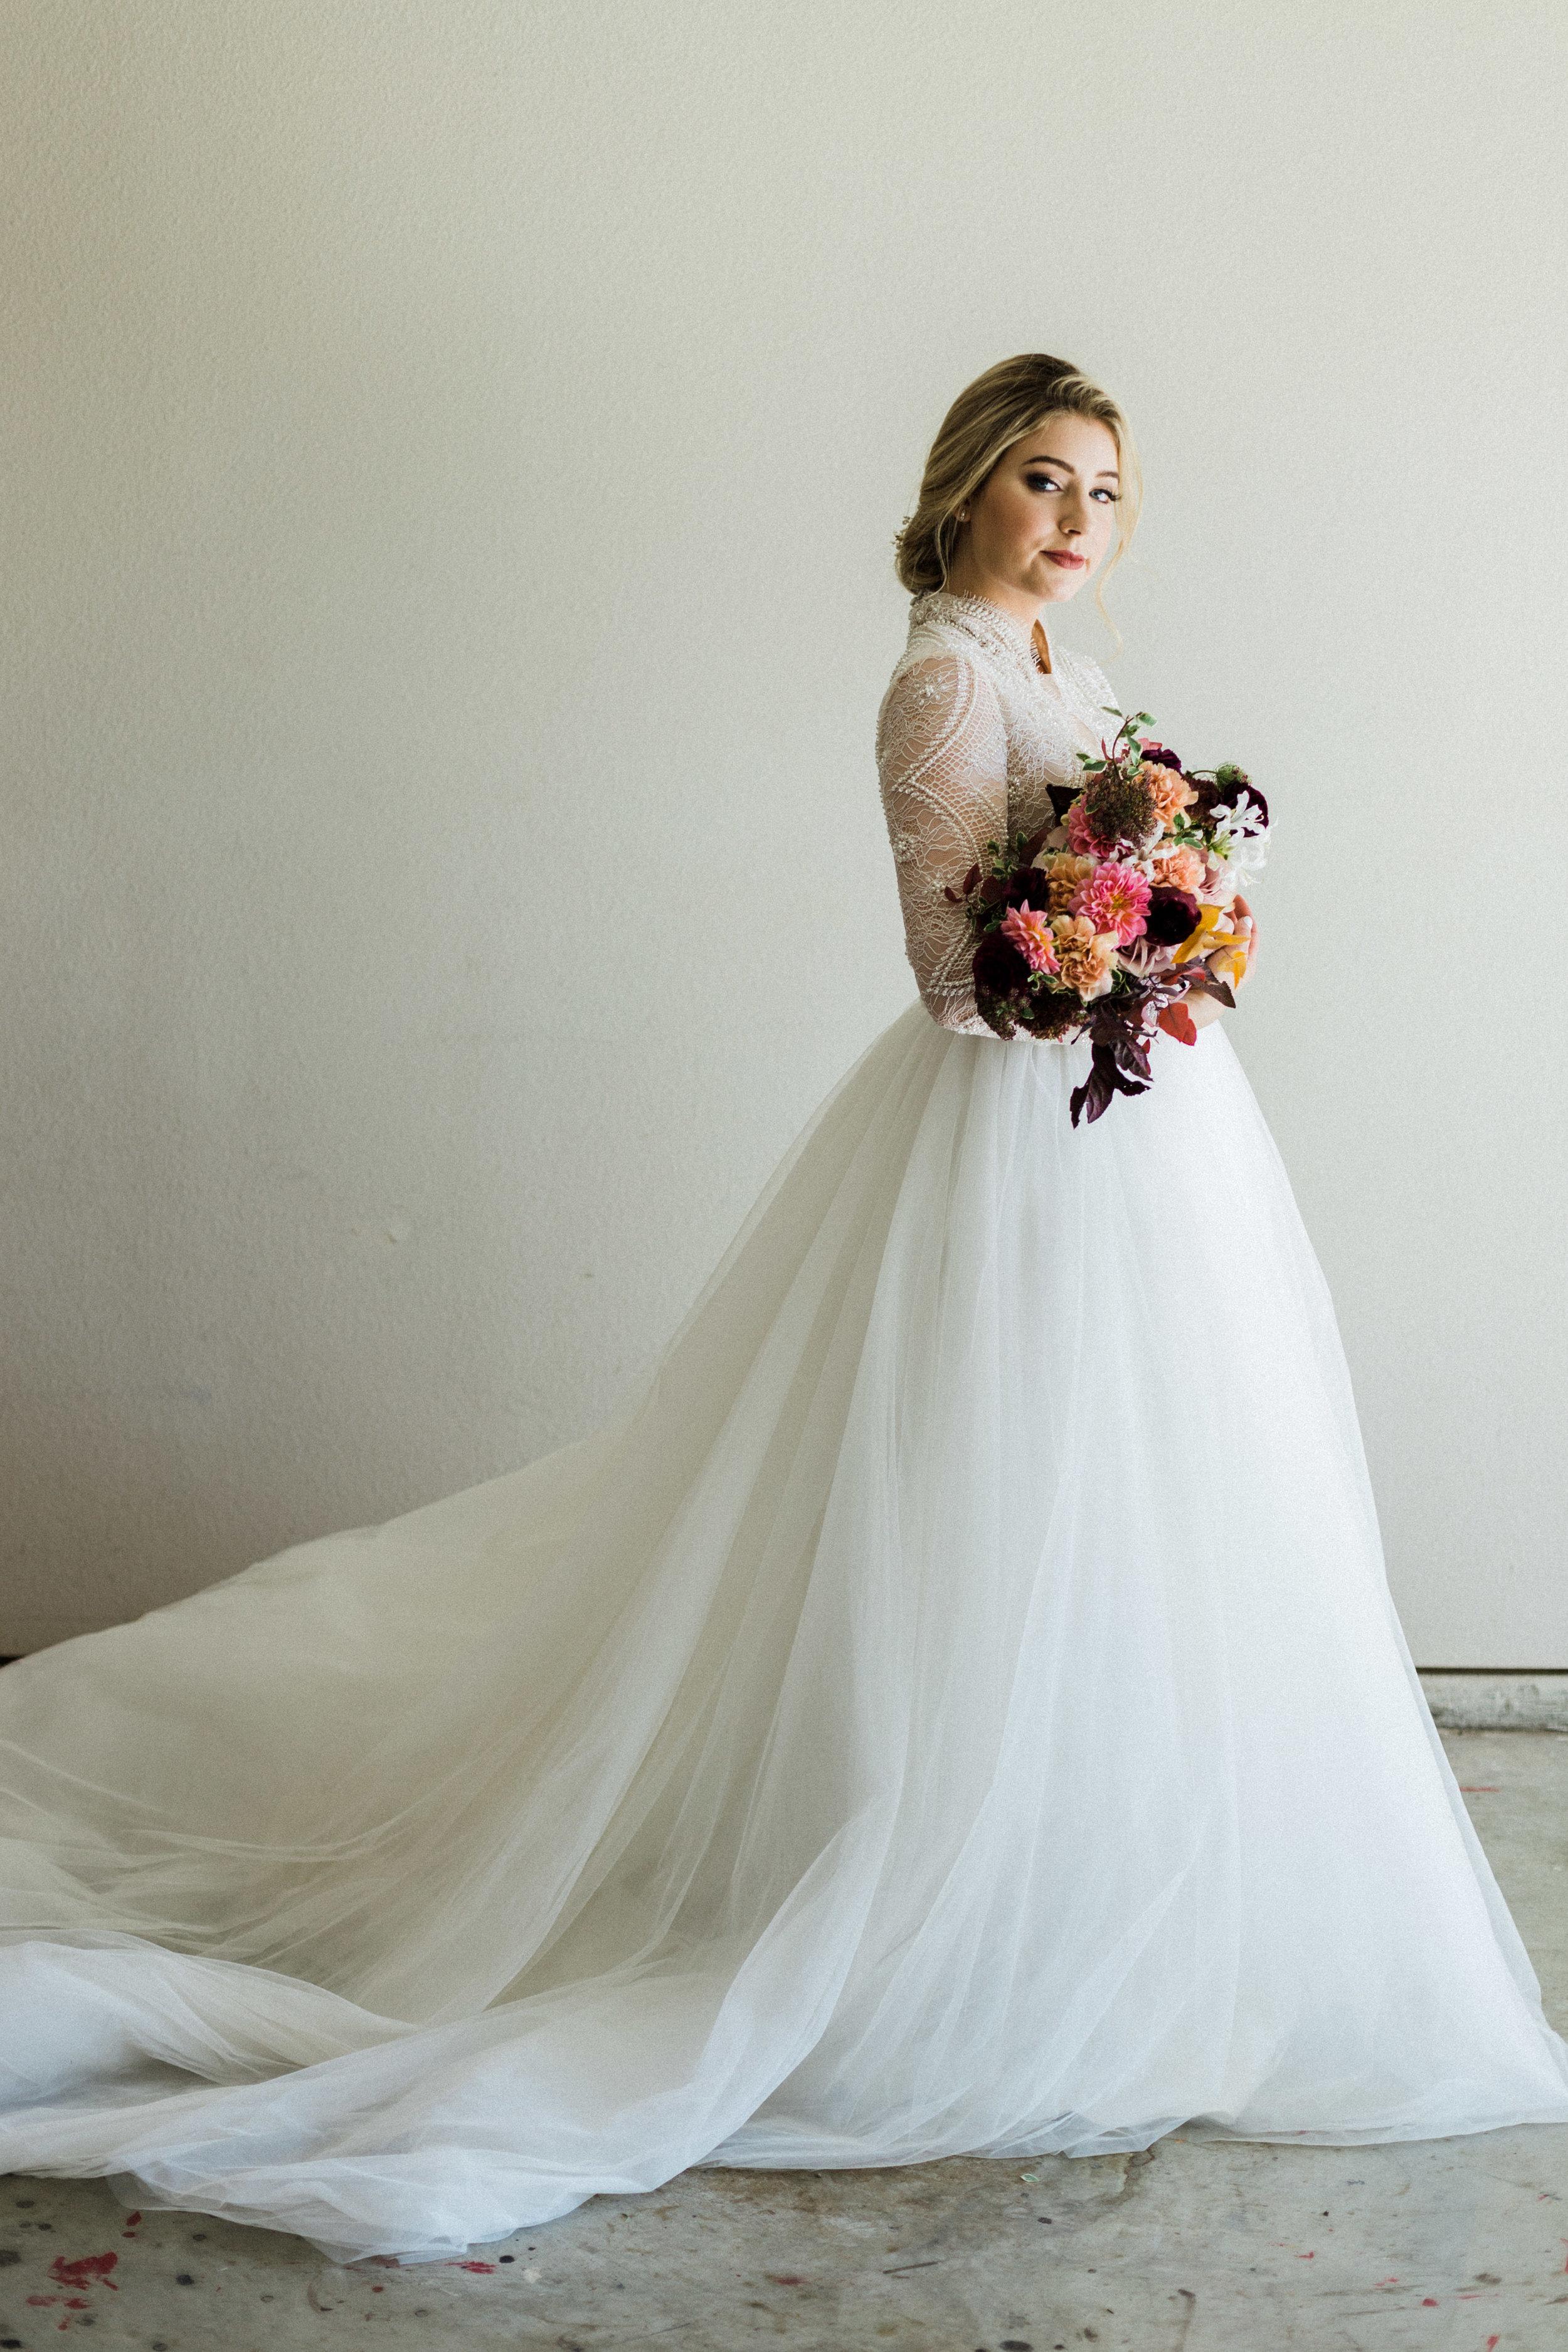 Elizabeth Lee bridal boutique (25 of 42).jpg